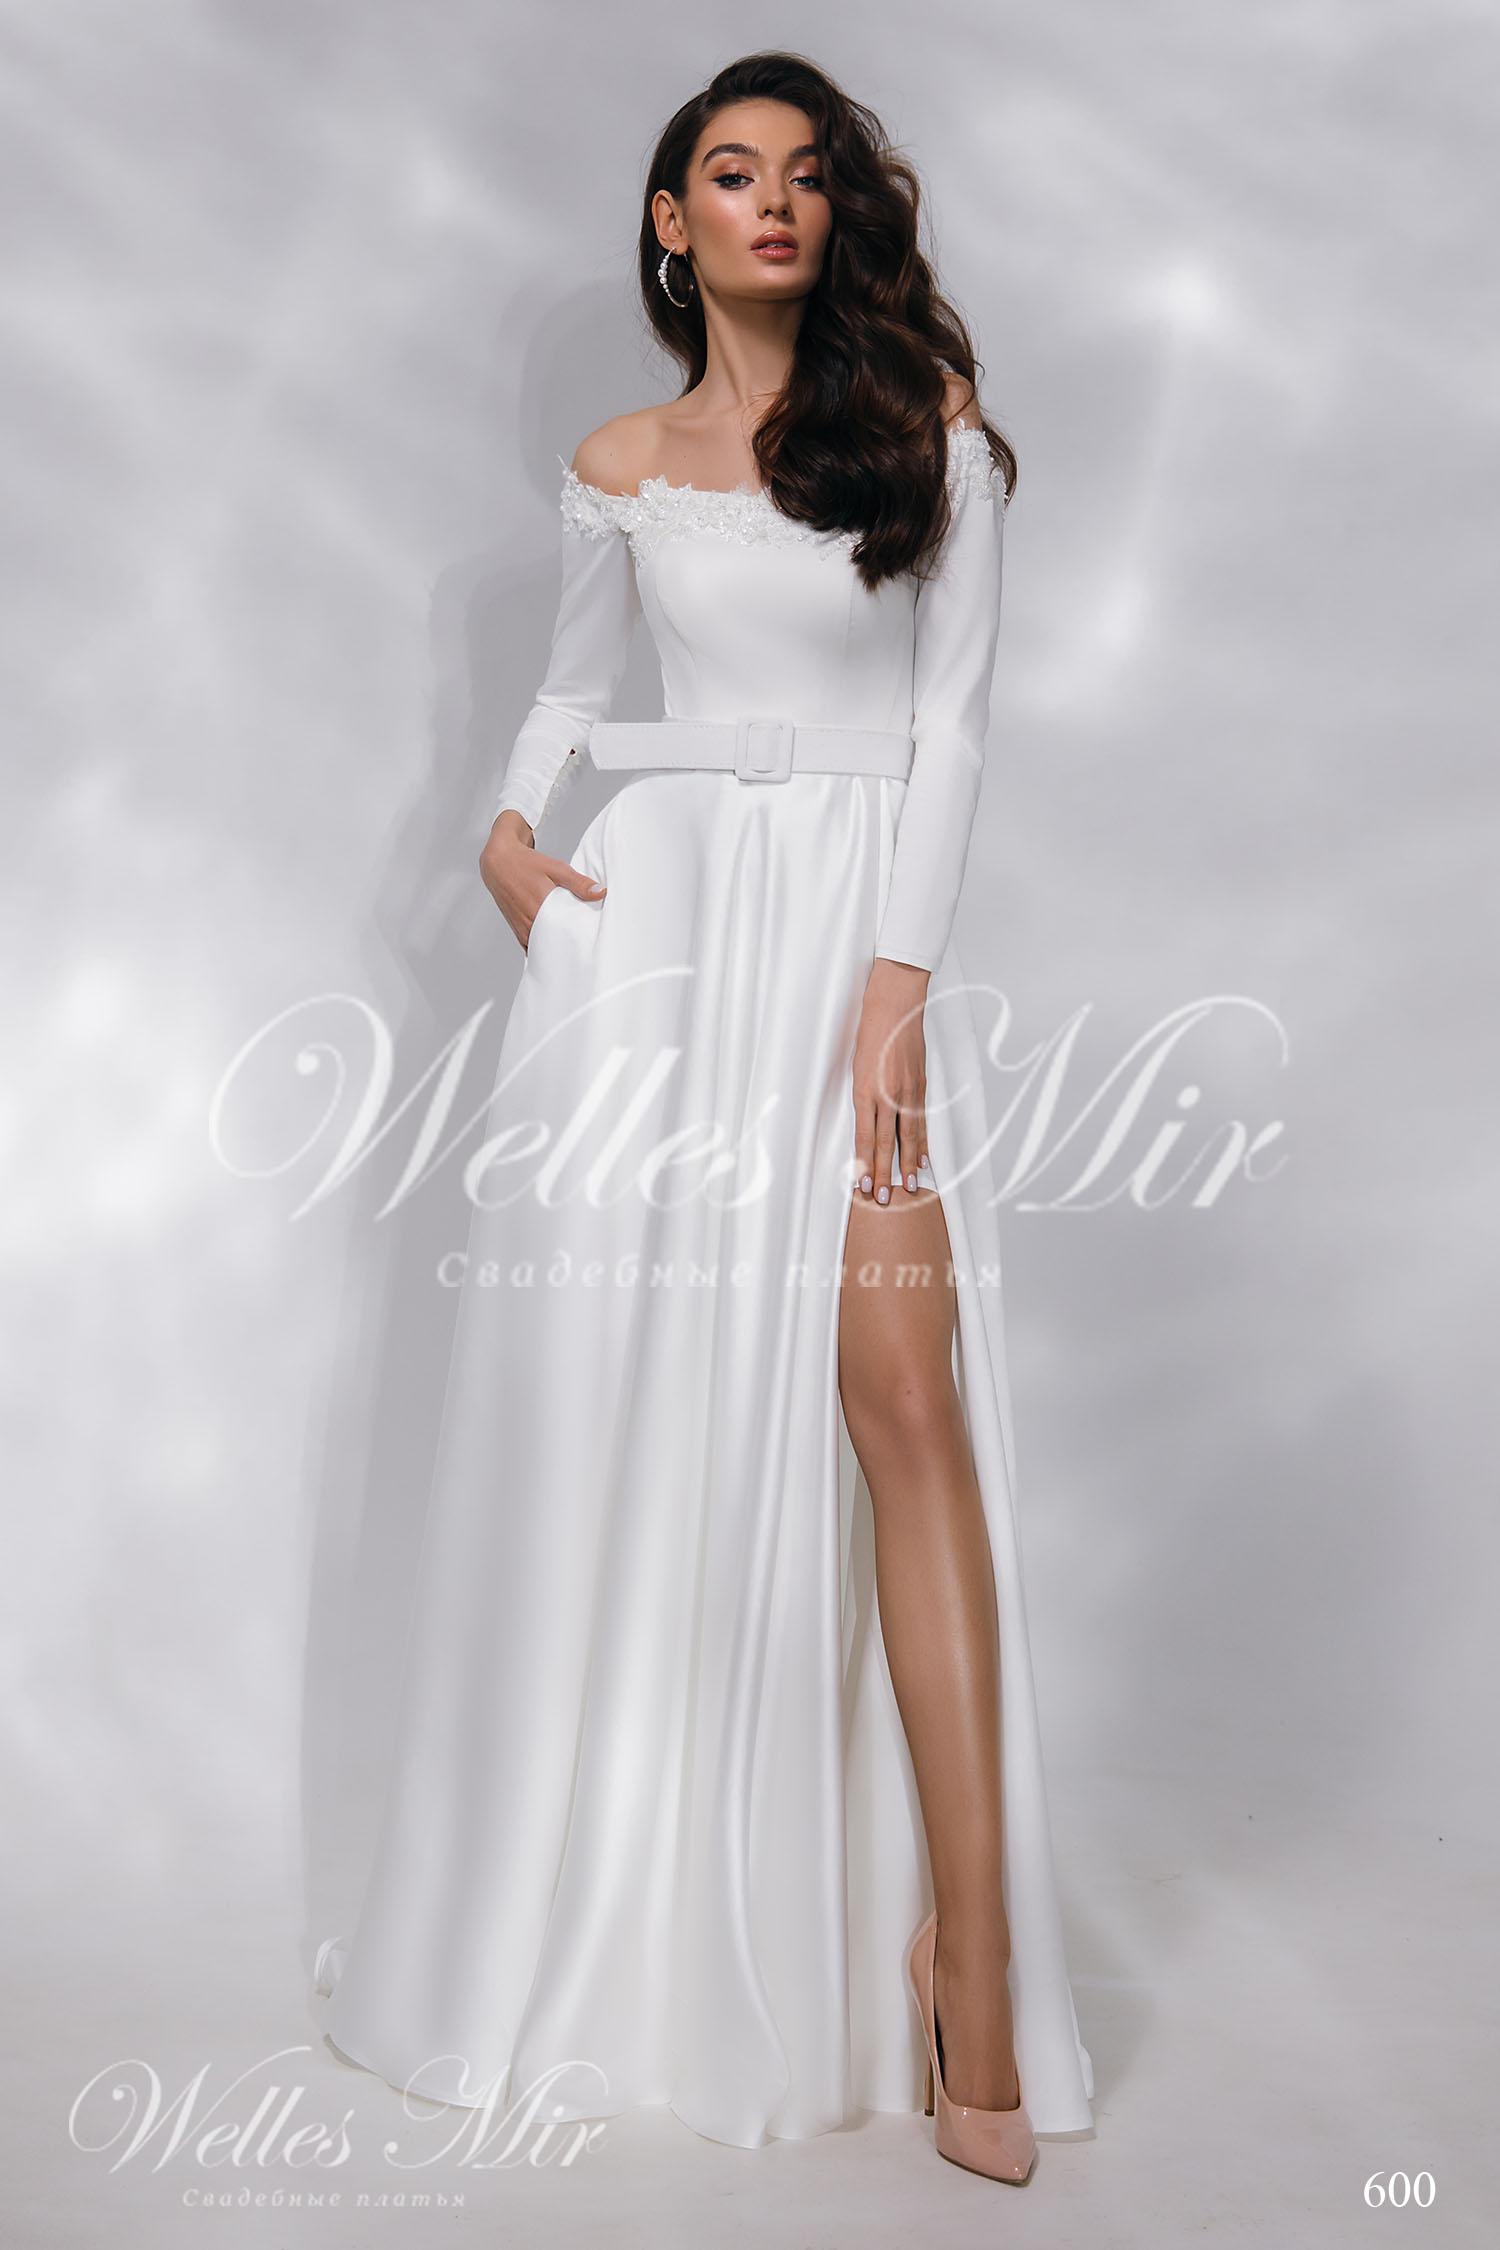 Свадебные платья Nothern Lights - 600